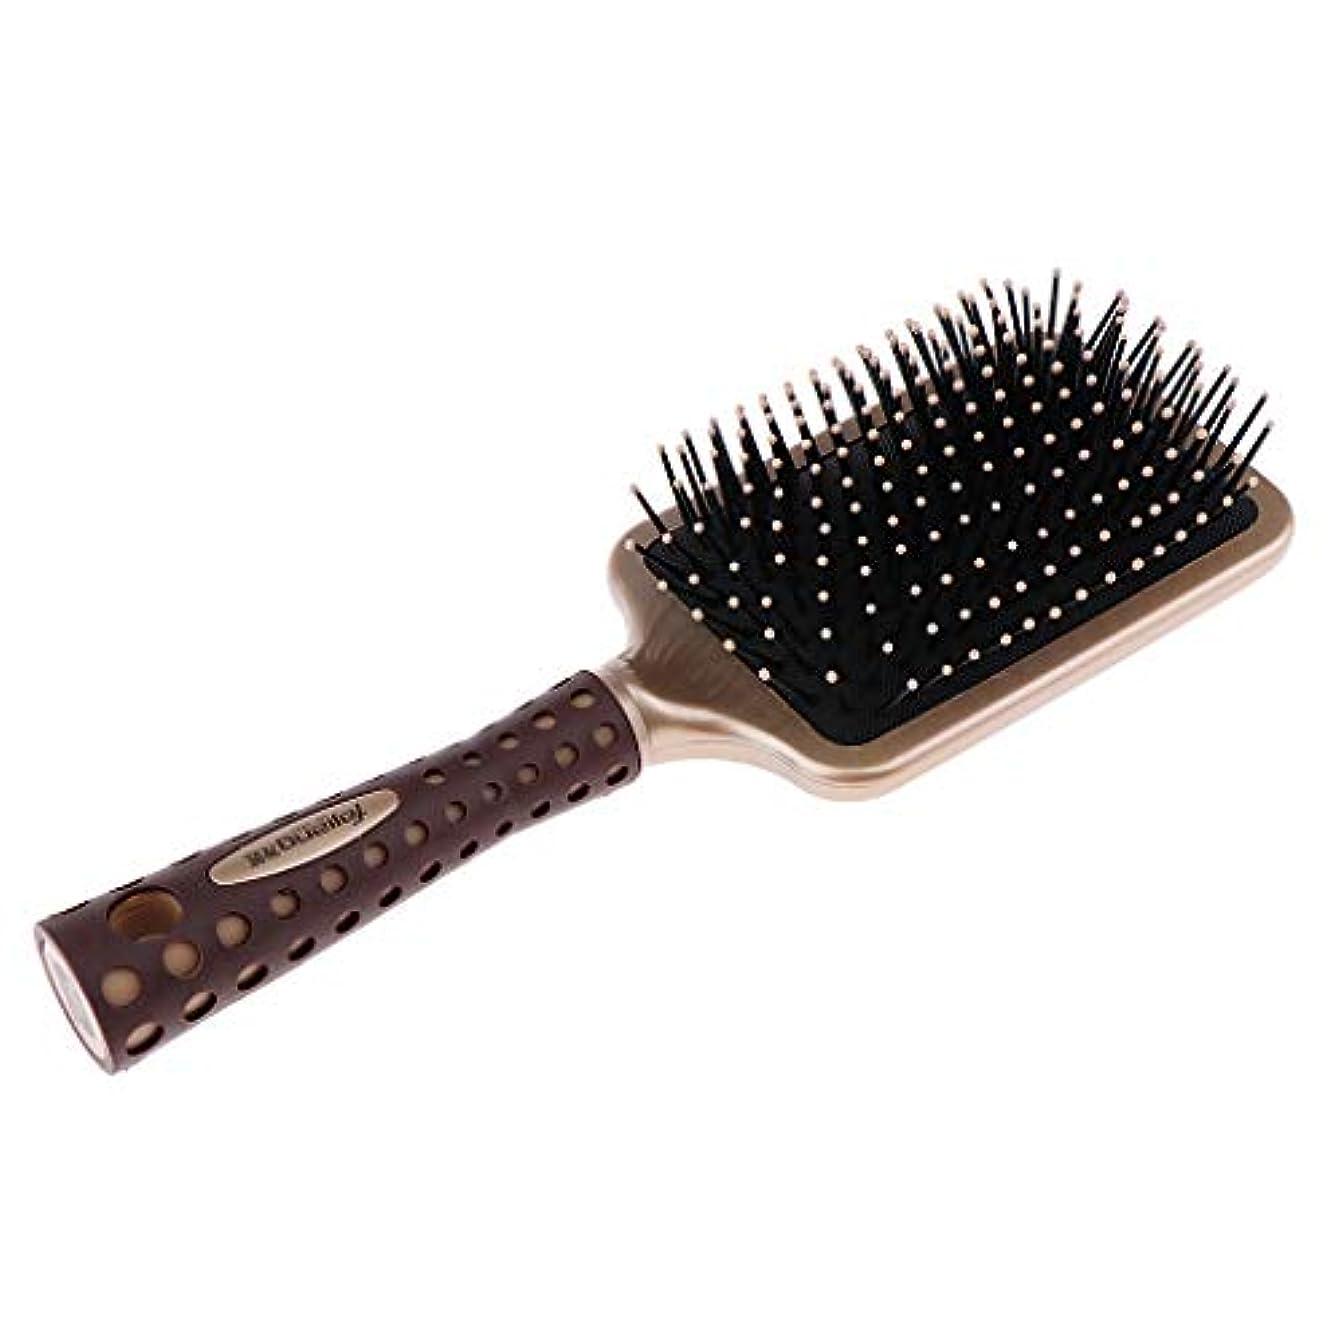 脊椎宿程度静電防止櫛 クッションヘアブラシ 頭皮マッサージ プロ ヘアーサロン 美容師 2サイズ選べ - L